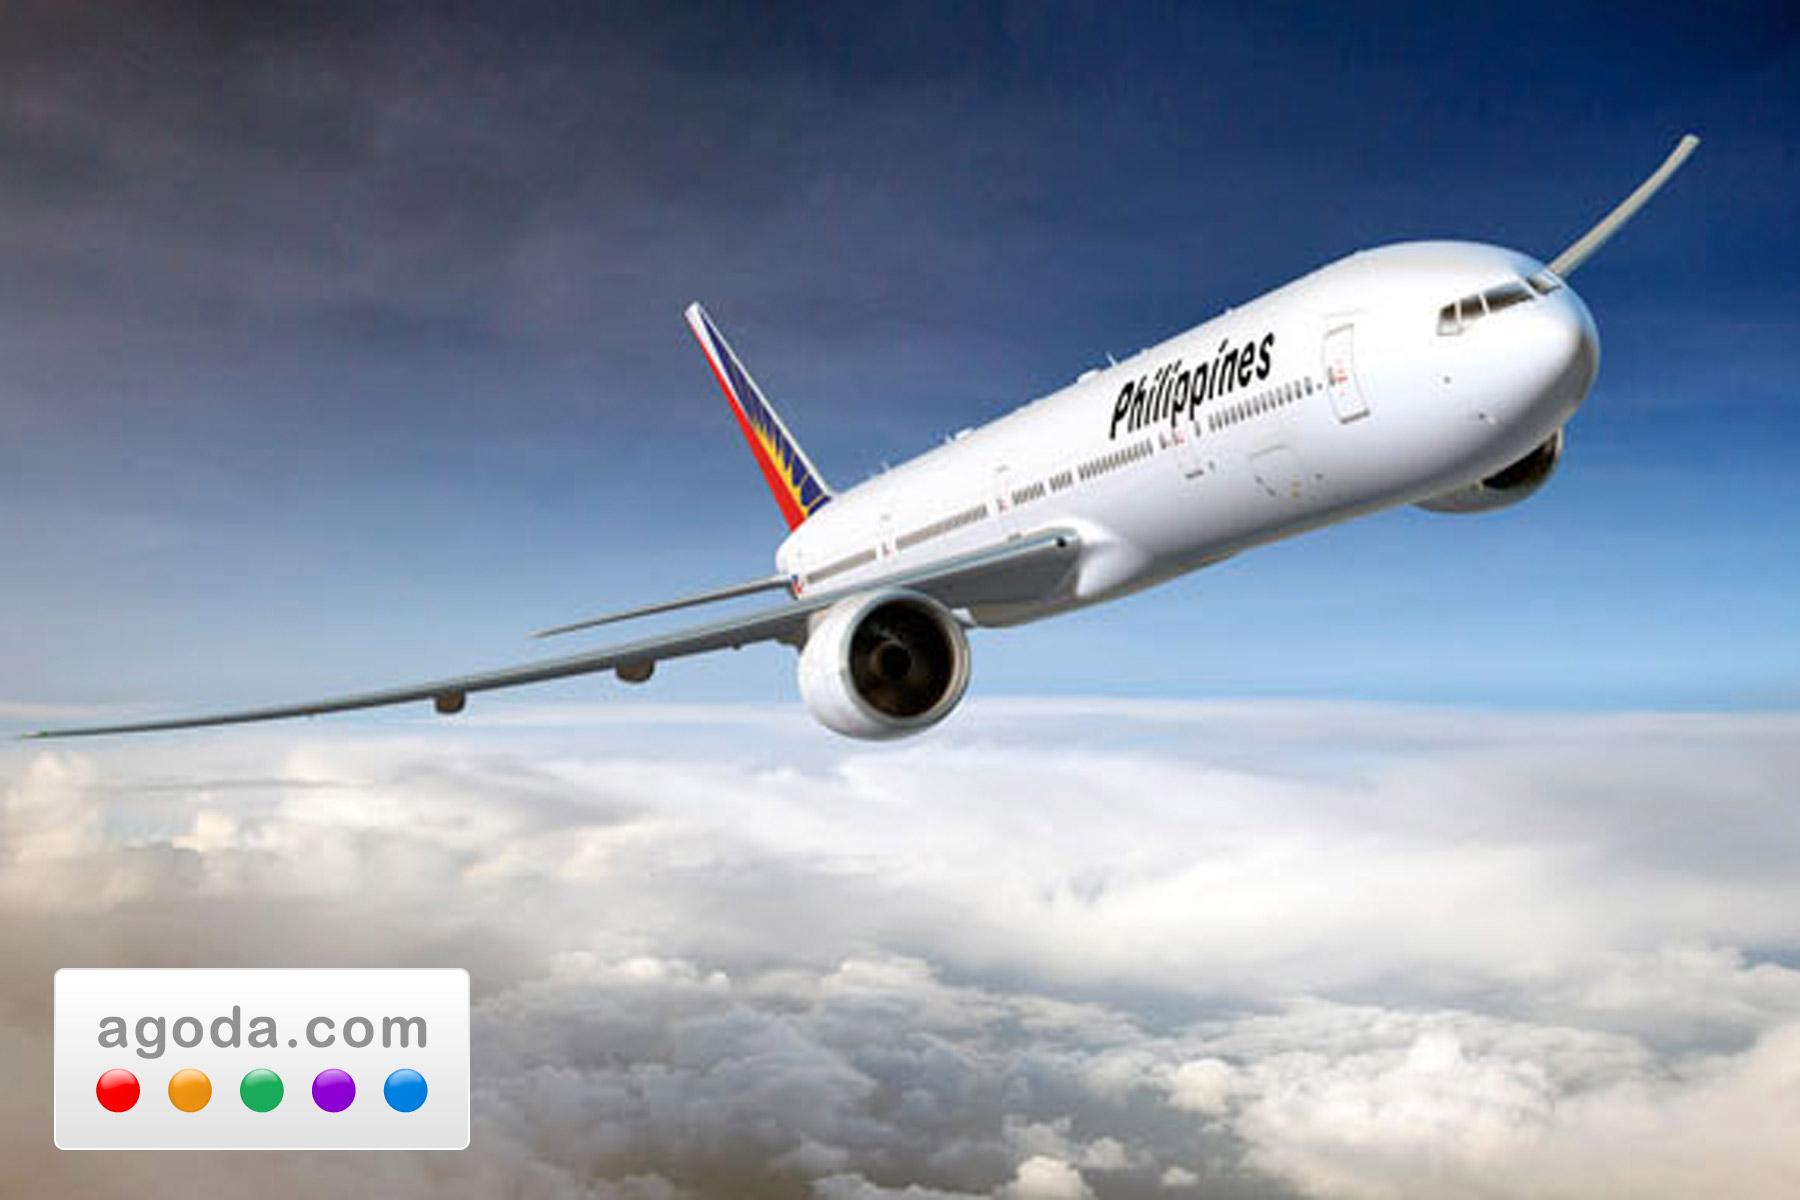 Agoda.comがフィリピン航空との業務提携を発表。フライト利用者のホテル予約がよりお得に!